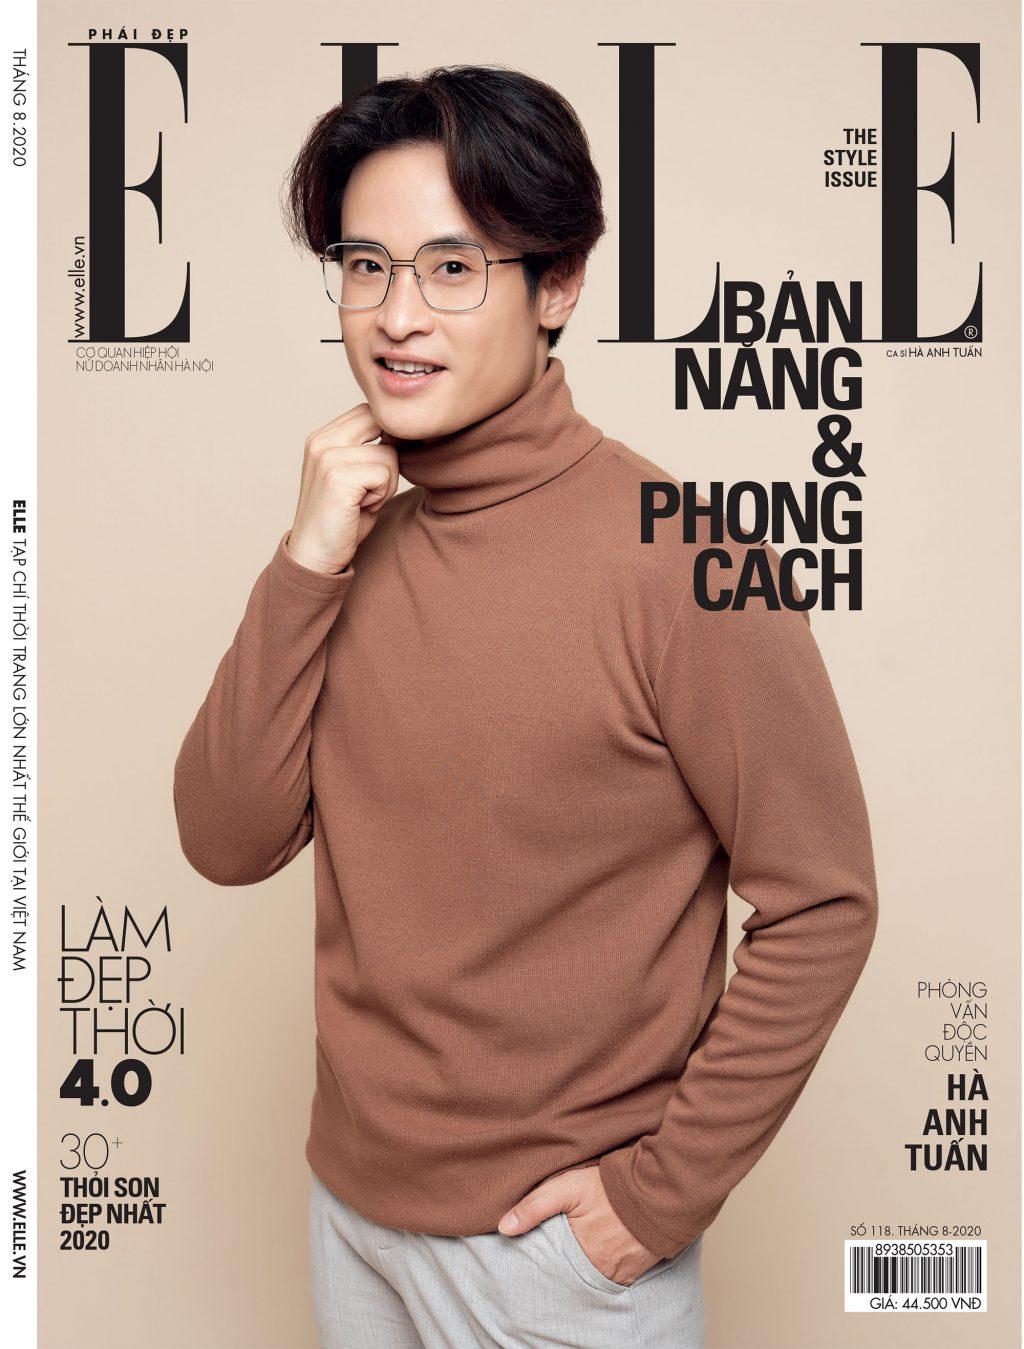 Tạp chí Phái đẹp ELLE Hà Anh Tuấn